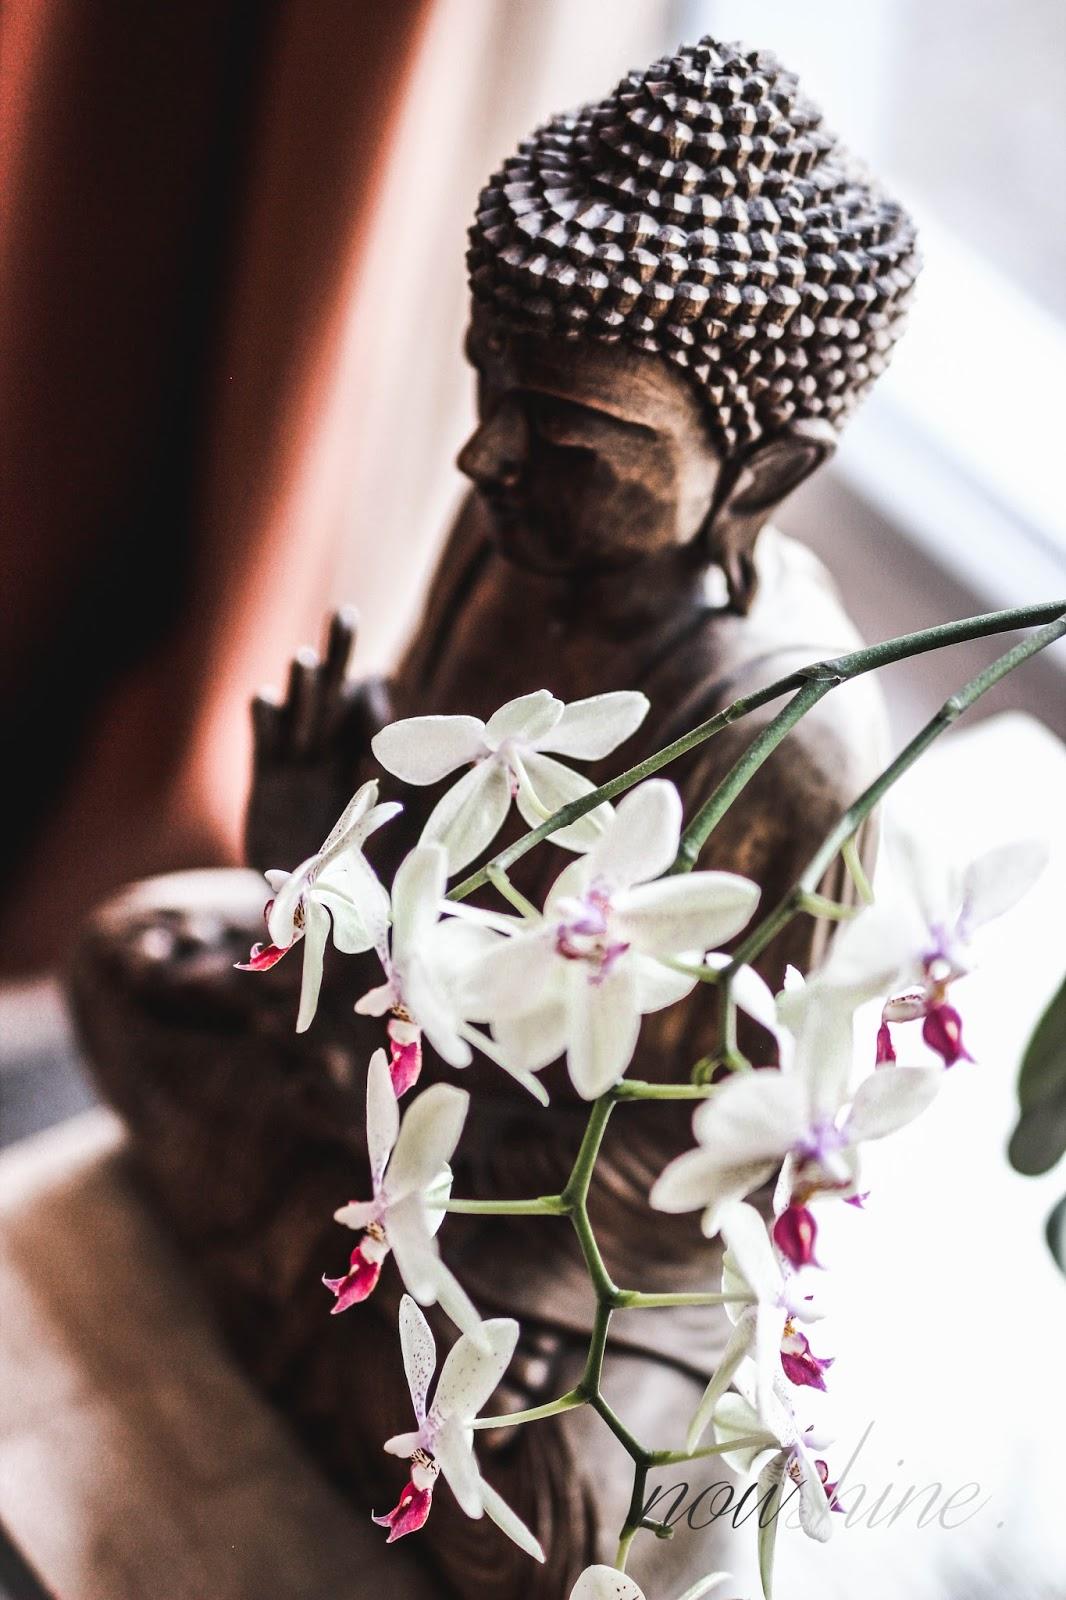 Ü40 Blog Nowshine - Lösch für Freunde - Kloster Hornbach - Rheinland Pfalz - Bloggerreise - Pressereise - Erfahrung und Eindrücke - Buddha